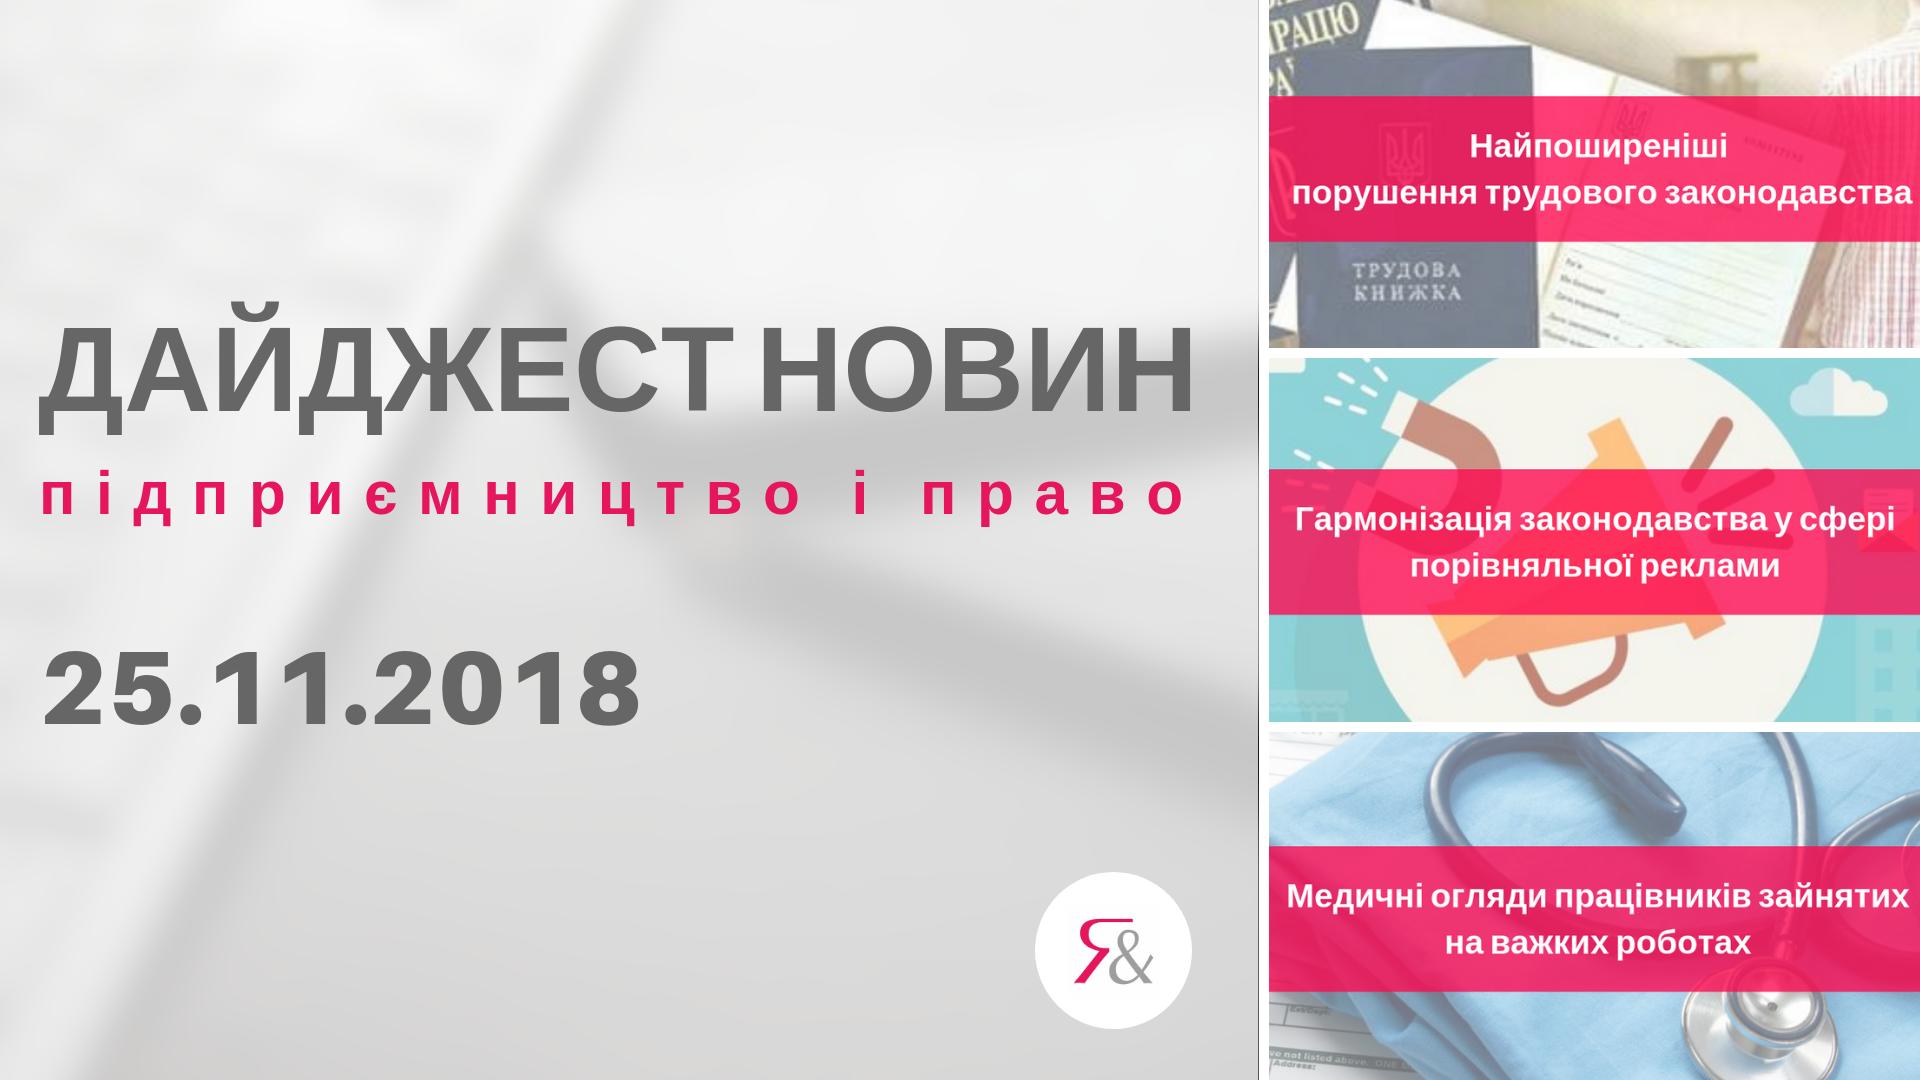 Дайджест нoвин «Підприємництво і право» з 19.11.2018 пo 25.11.2018